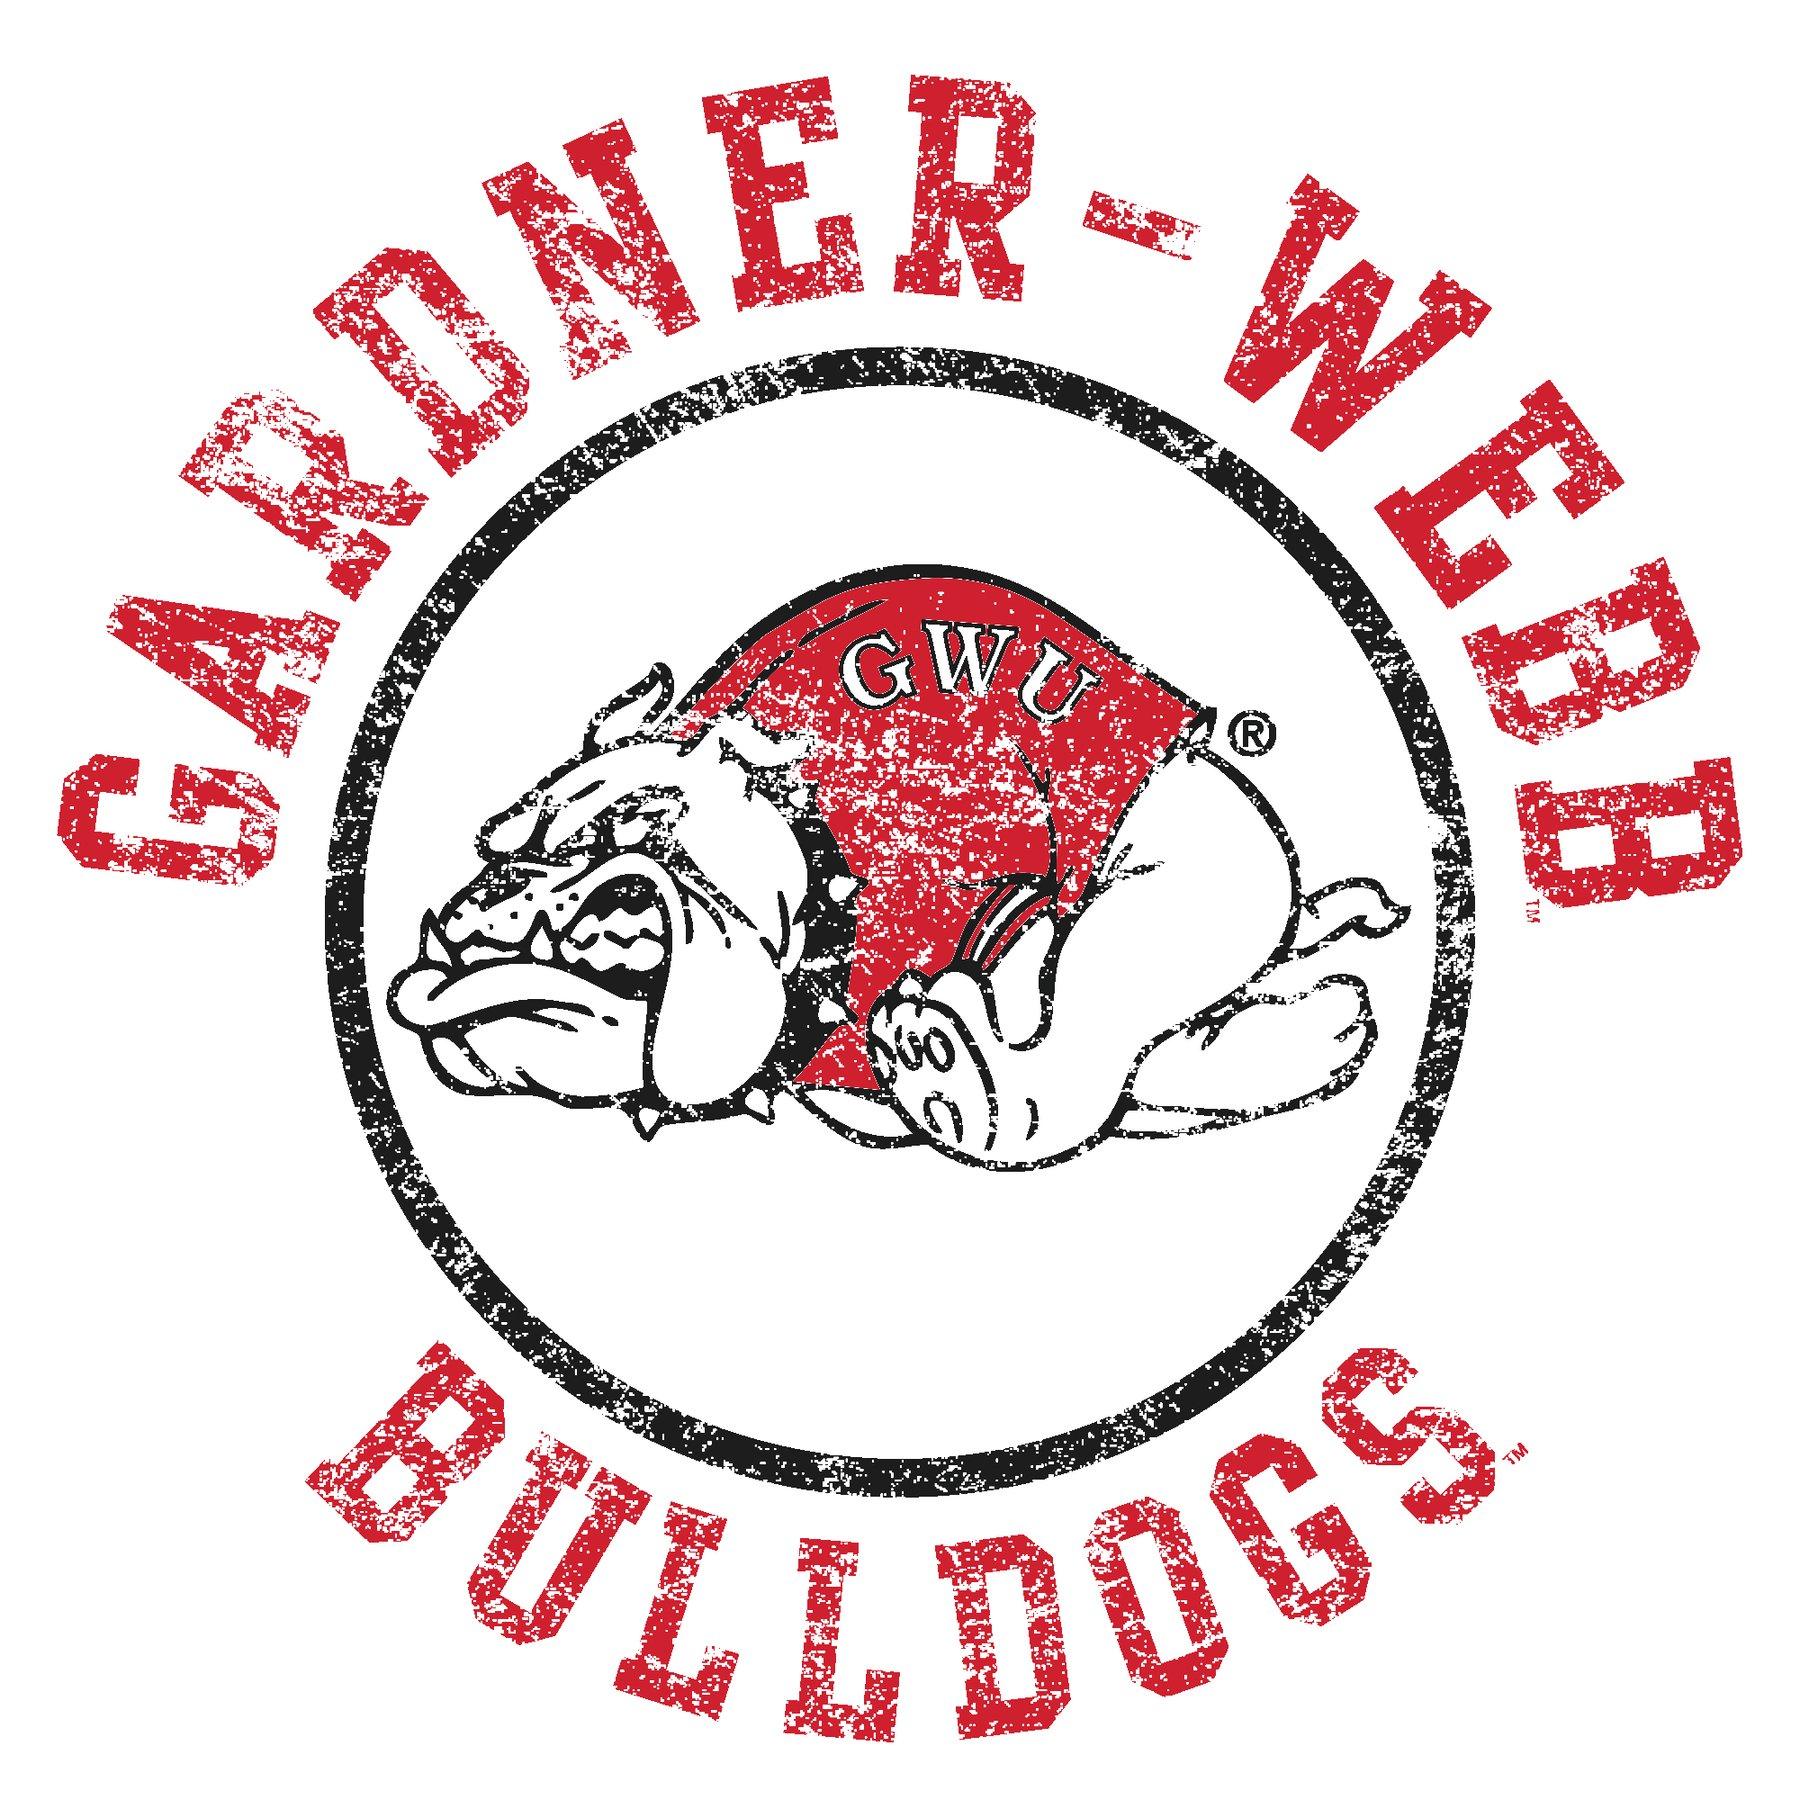 Distressed Circle Logo Gardner.